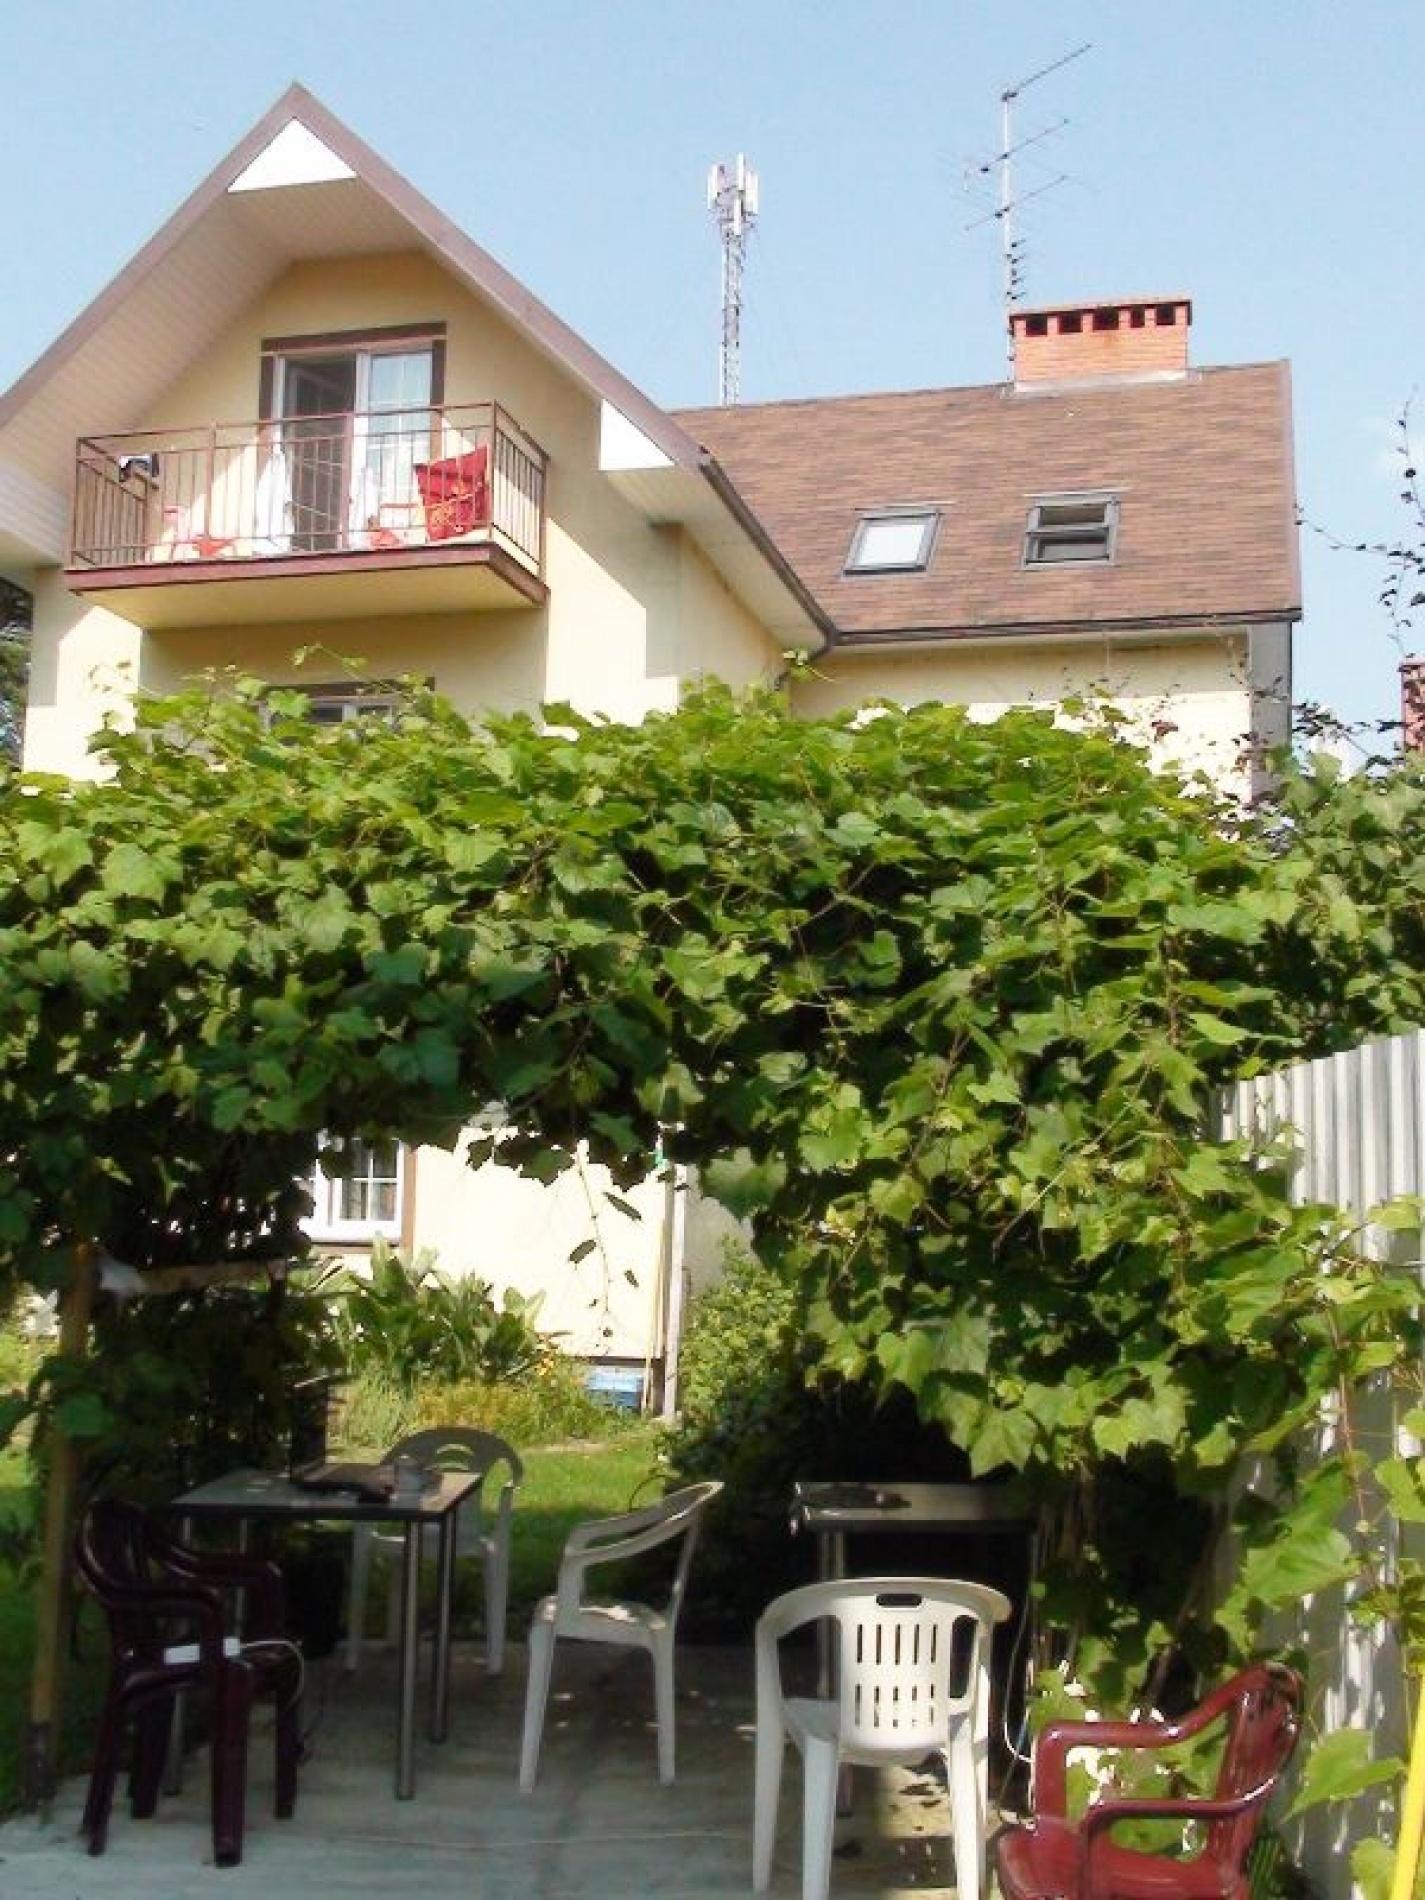 Гостевой дом «Понарт» Калининградская область, фото 10